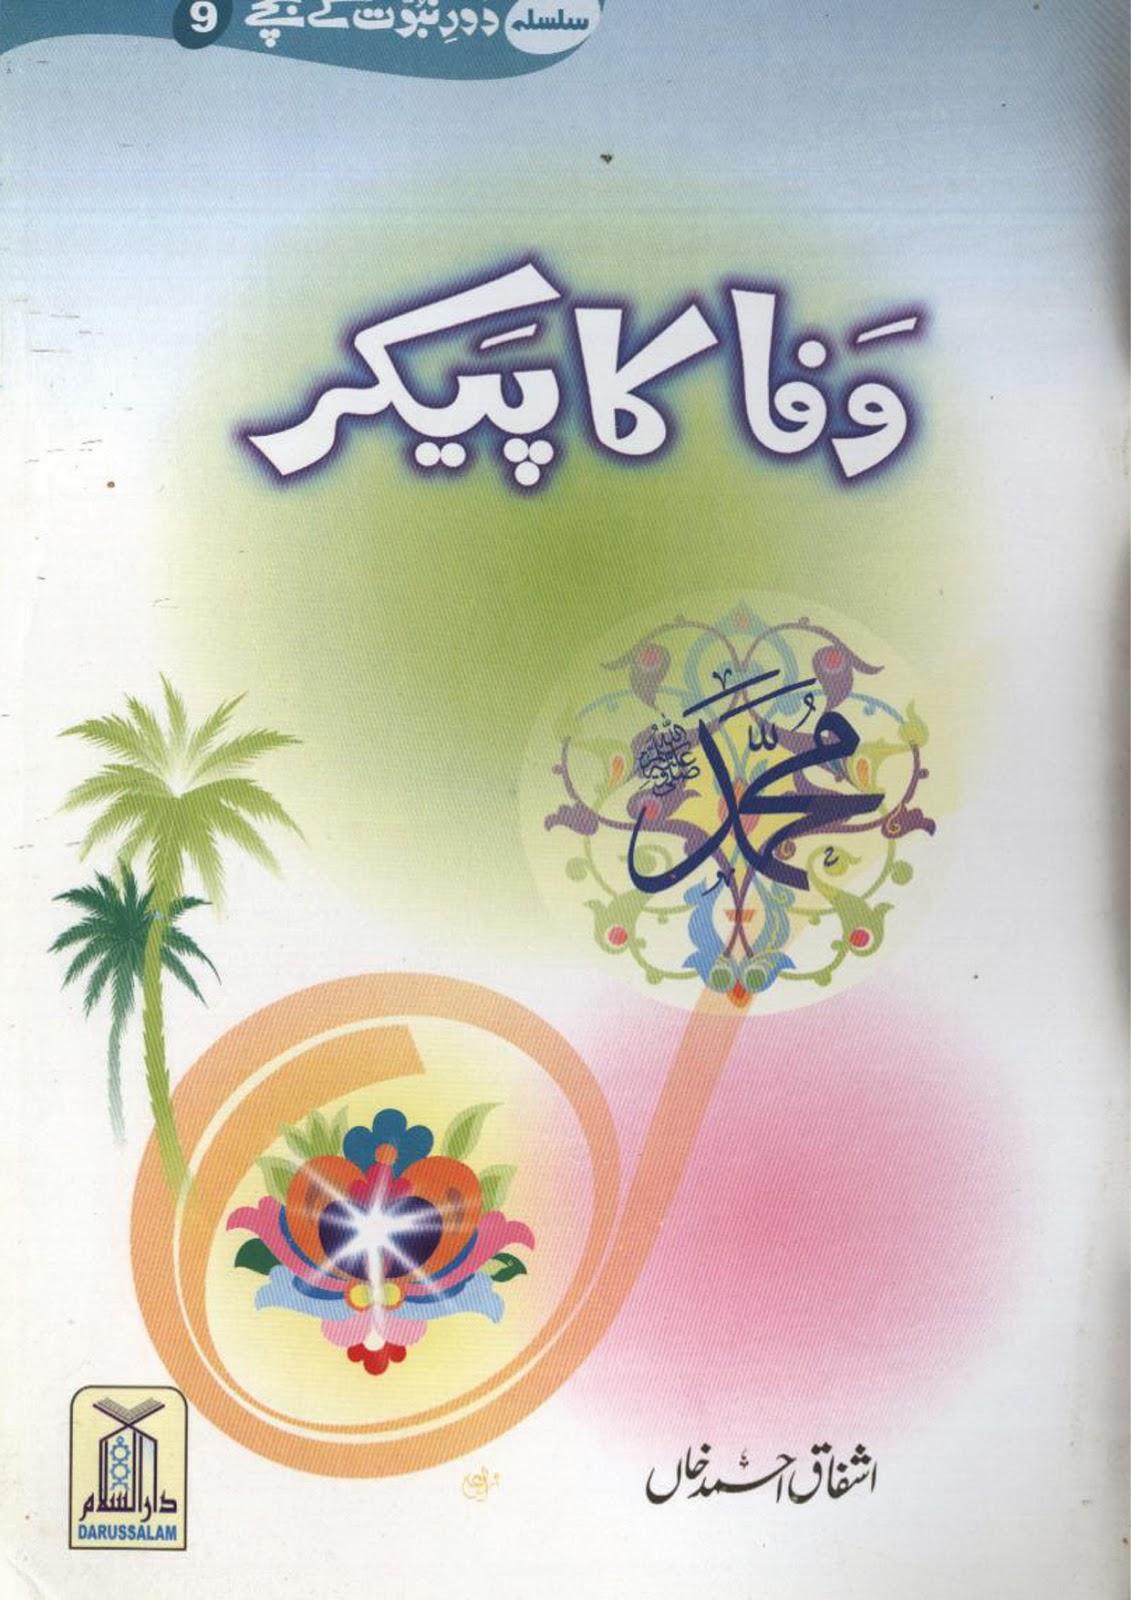 http://urduguru1.blogspot.com/2014/02/wafa-ka-paekr-usama-bin-zaid-ra.html